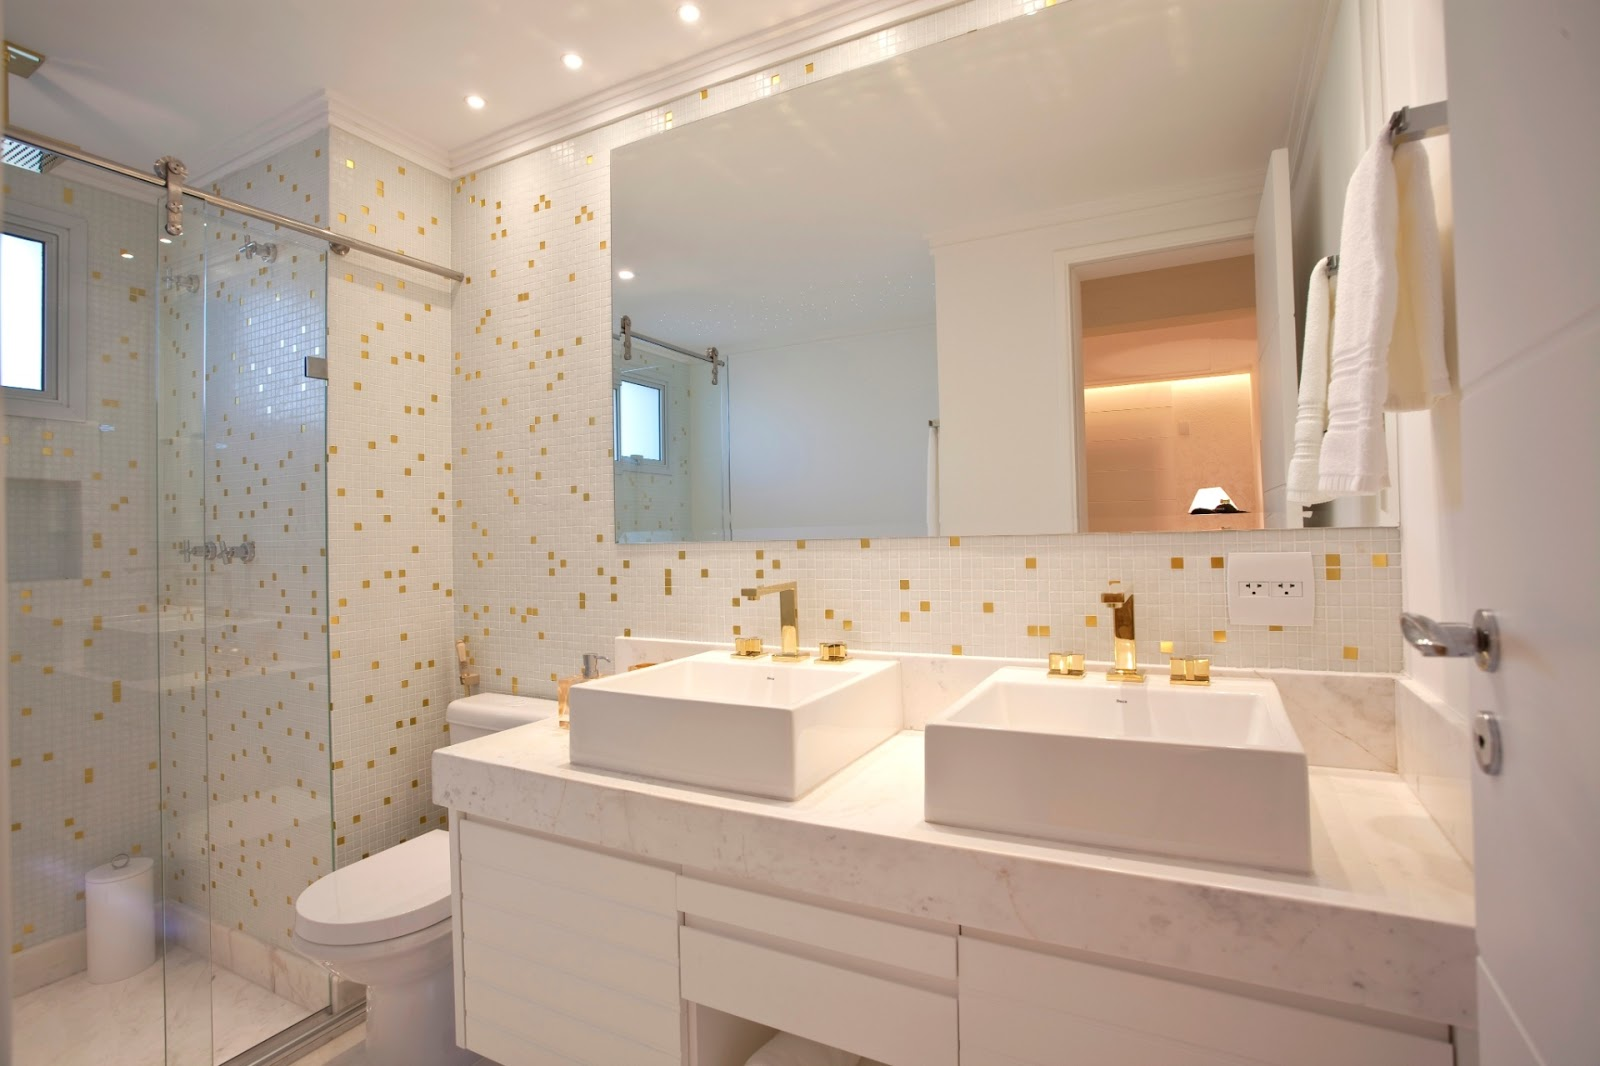 Metais dourados em banheiros e lavabos  veja lindos ambientes com essa tendê -> Torneiras Para Banheiro Cuba Sobrepor